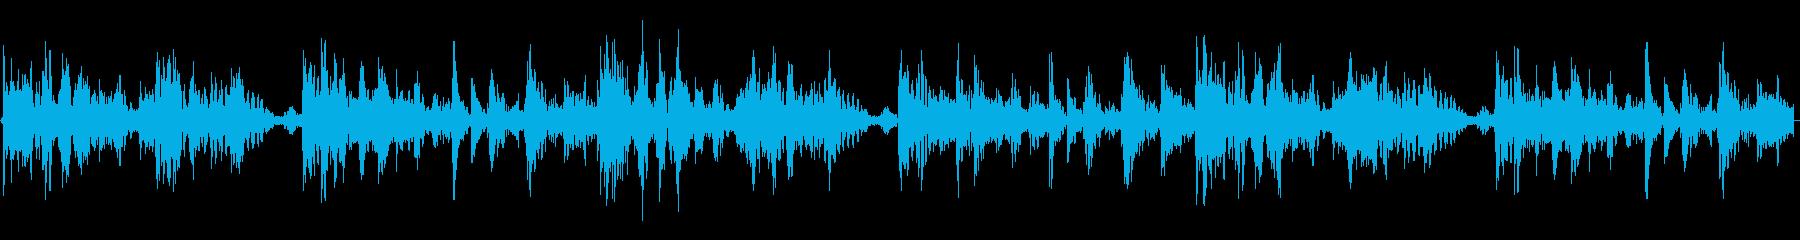 シンプルなHip-Hopループです。の再生済みの波形